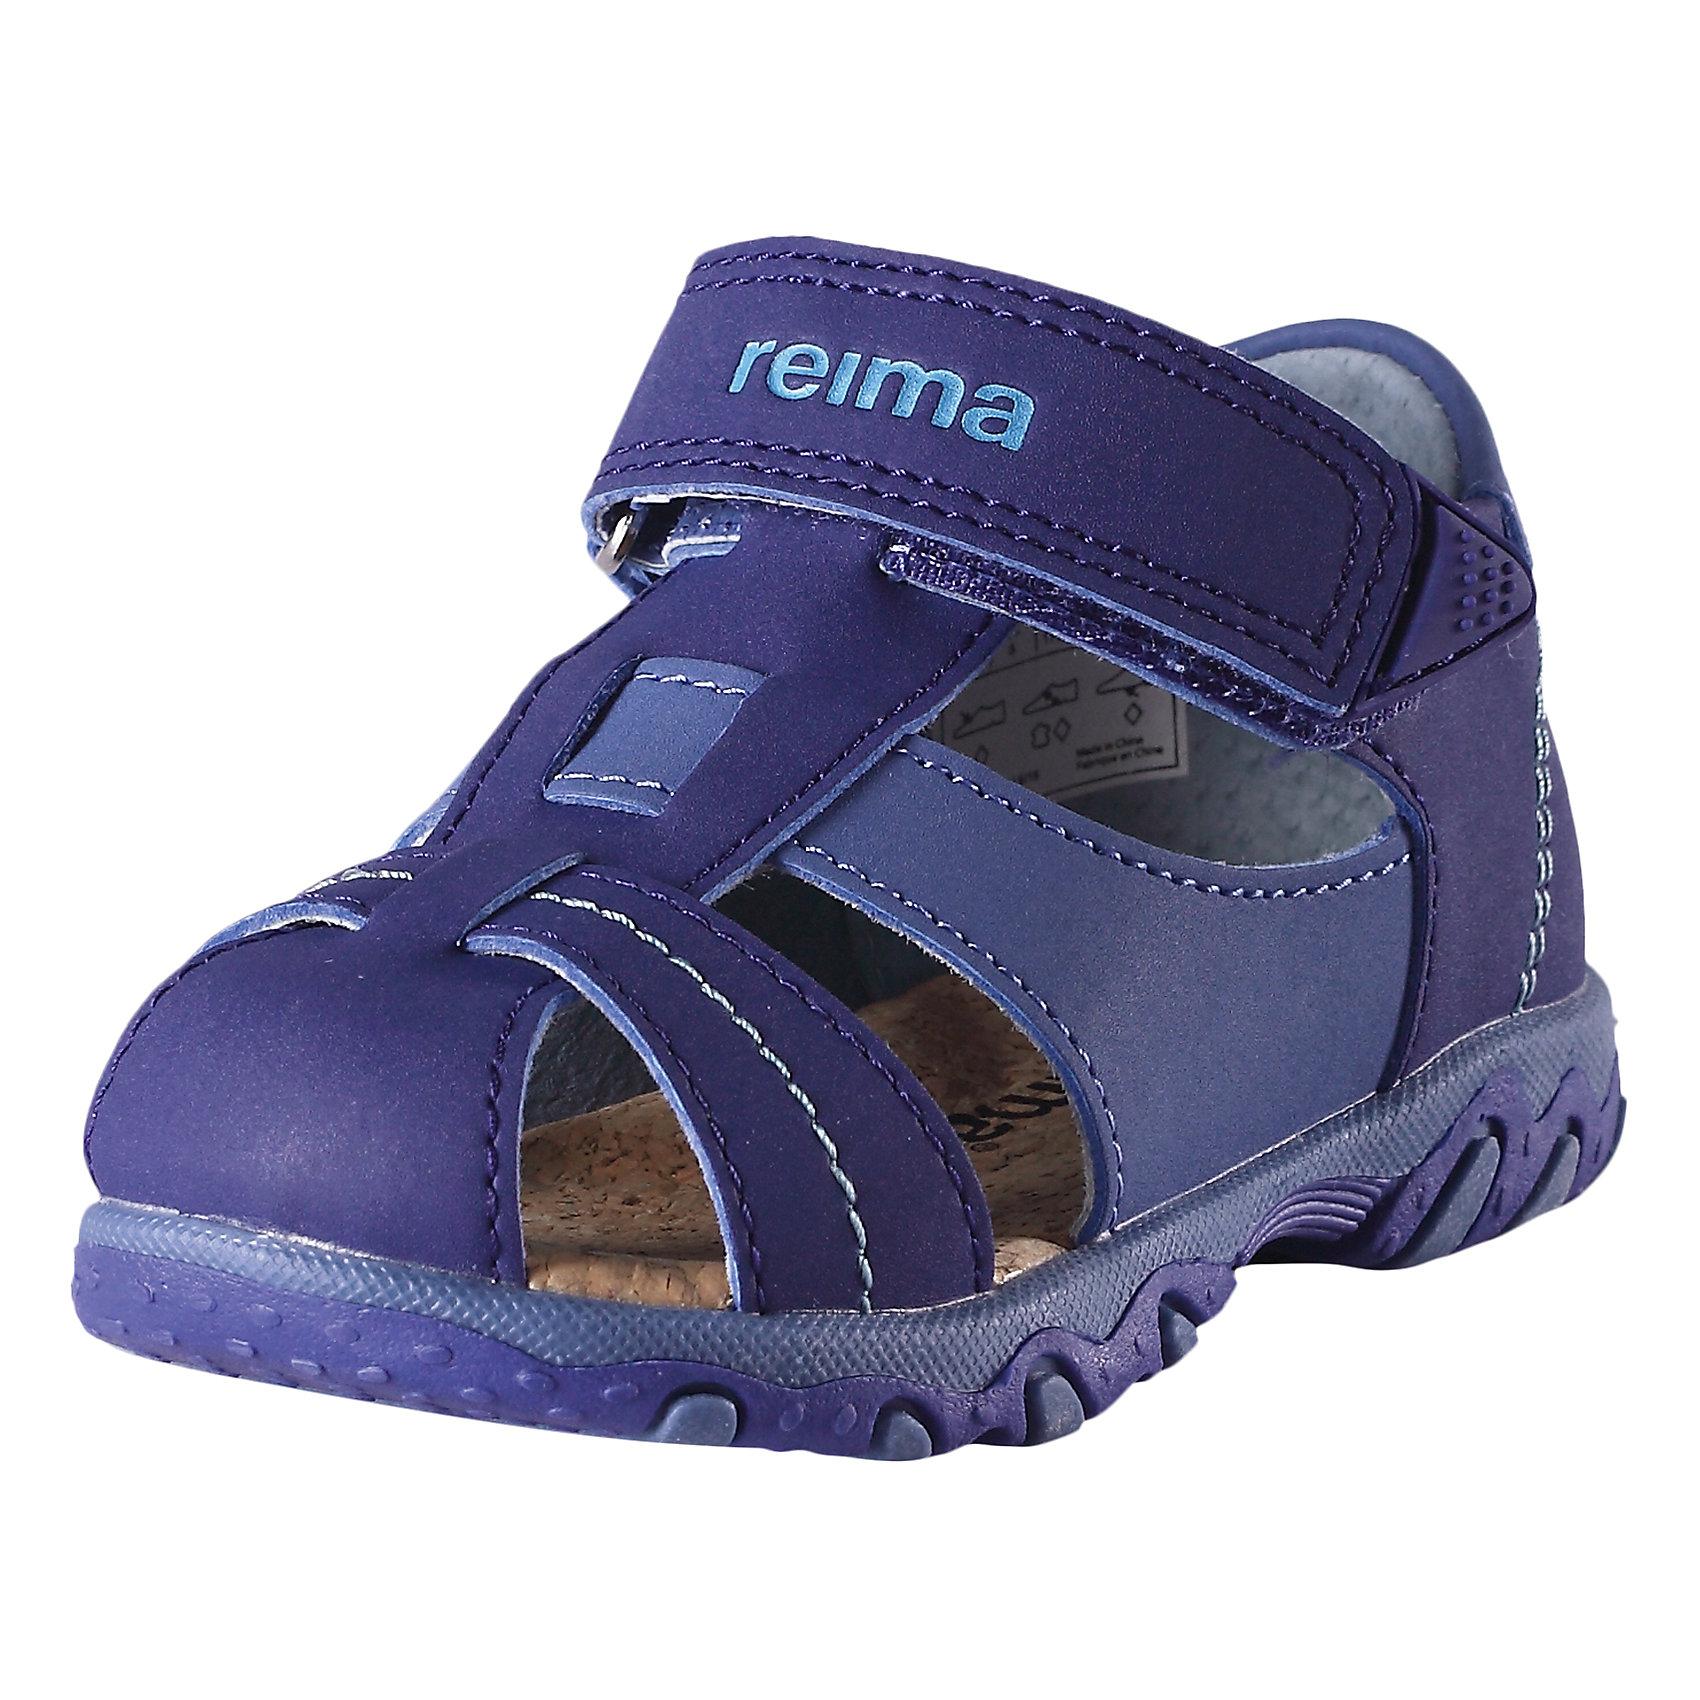 Сандалии для мальчика ReimaСандалии  от финского бренда Reima<br>Сандалии для детей и малышей. Верх из синтетического материала. Подошва из термопластичного каучука обеспечивает хорошее сцепление с поверхностью. Подкладка из натуральной кожи. Эргономичная и приятная на ощупь стелька из пробки. Сандалии для малышей, которые только начинают ходить. Застежки на липучках обеспечивают простоту использования.<br>Состав:<br>Подошва: Термопластичная резина, Верх: ПУ<br><br>Уход:<br>Храните обувь в вертикальном положении при комнатной температуре. Сушить обувь всегда следует при комнатной температуре: вынув съемные стельки. Стельки следует время от времени заменять на новые. Налипшую грязь можно счищать щеткой или влажной тряпкой. Перед использованием обувь рекомендуется обрабатывать специальными защитными средствами.<br><br>Ширина мм: 219<br>Глубина мм: 154<br>Высота мм: 121<br>Вес г: 343<br>Цвет: синий<br>Возраст от месяцев: 24<br>Возраст до месяцев: 36<br>Пол: Мужской<br>Возраст: Детский<br>Размер: 26,24,25,23,22,21,20,27<br>SKU: 5267295